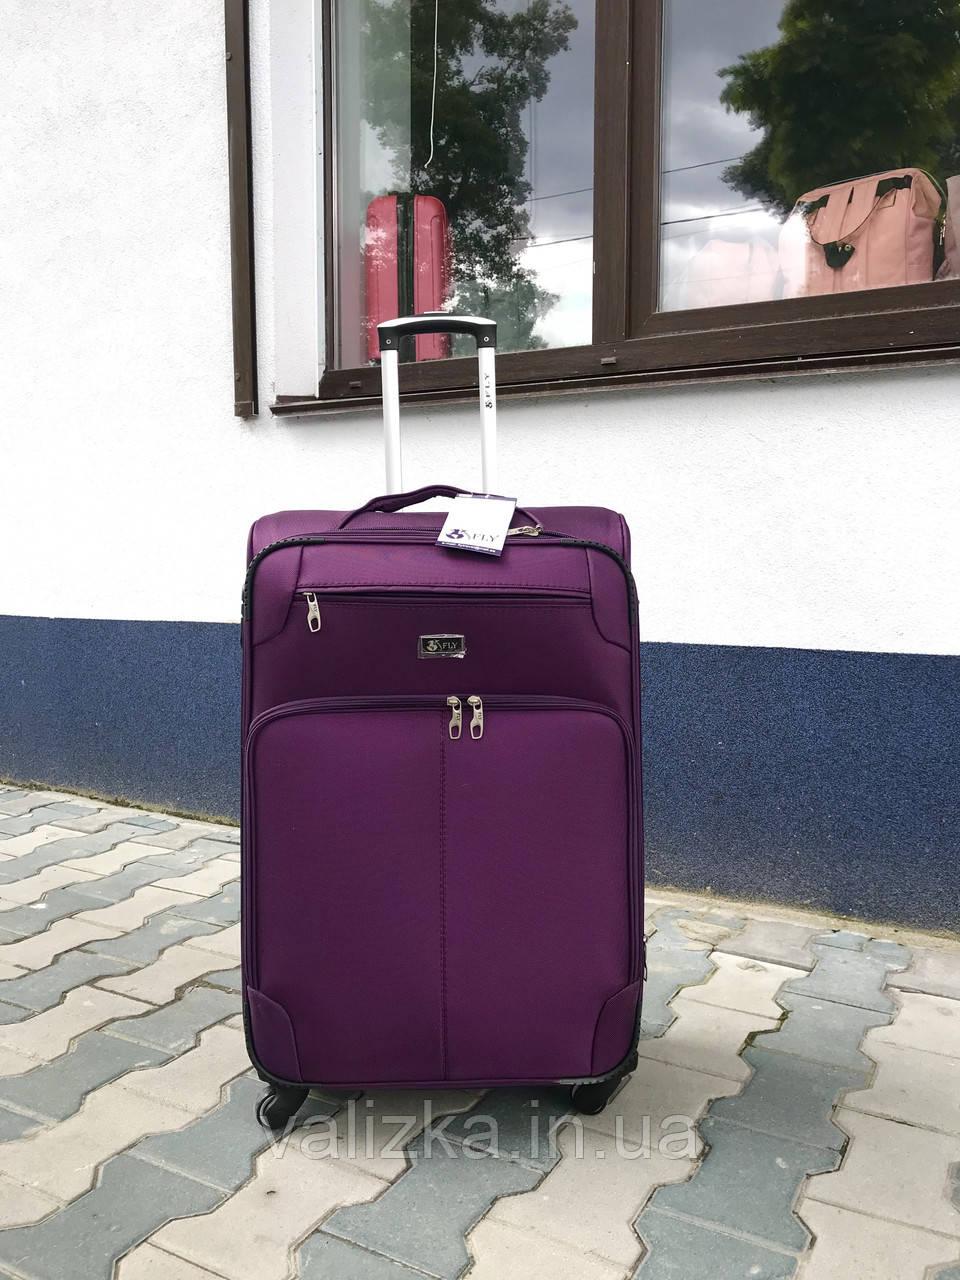 Качественный средний тканевый текстильный чемодан фиолетовый на 4-х колесах Польша